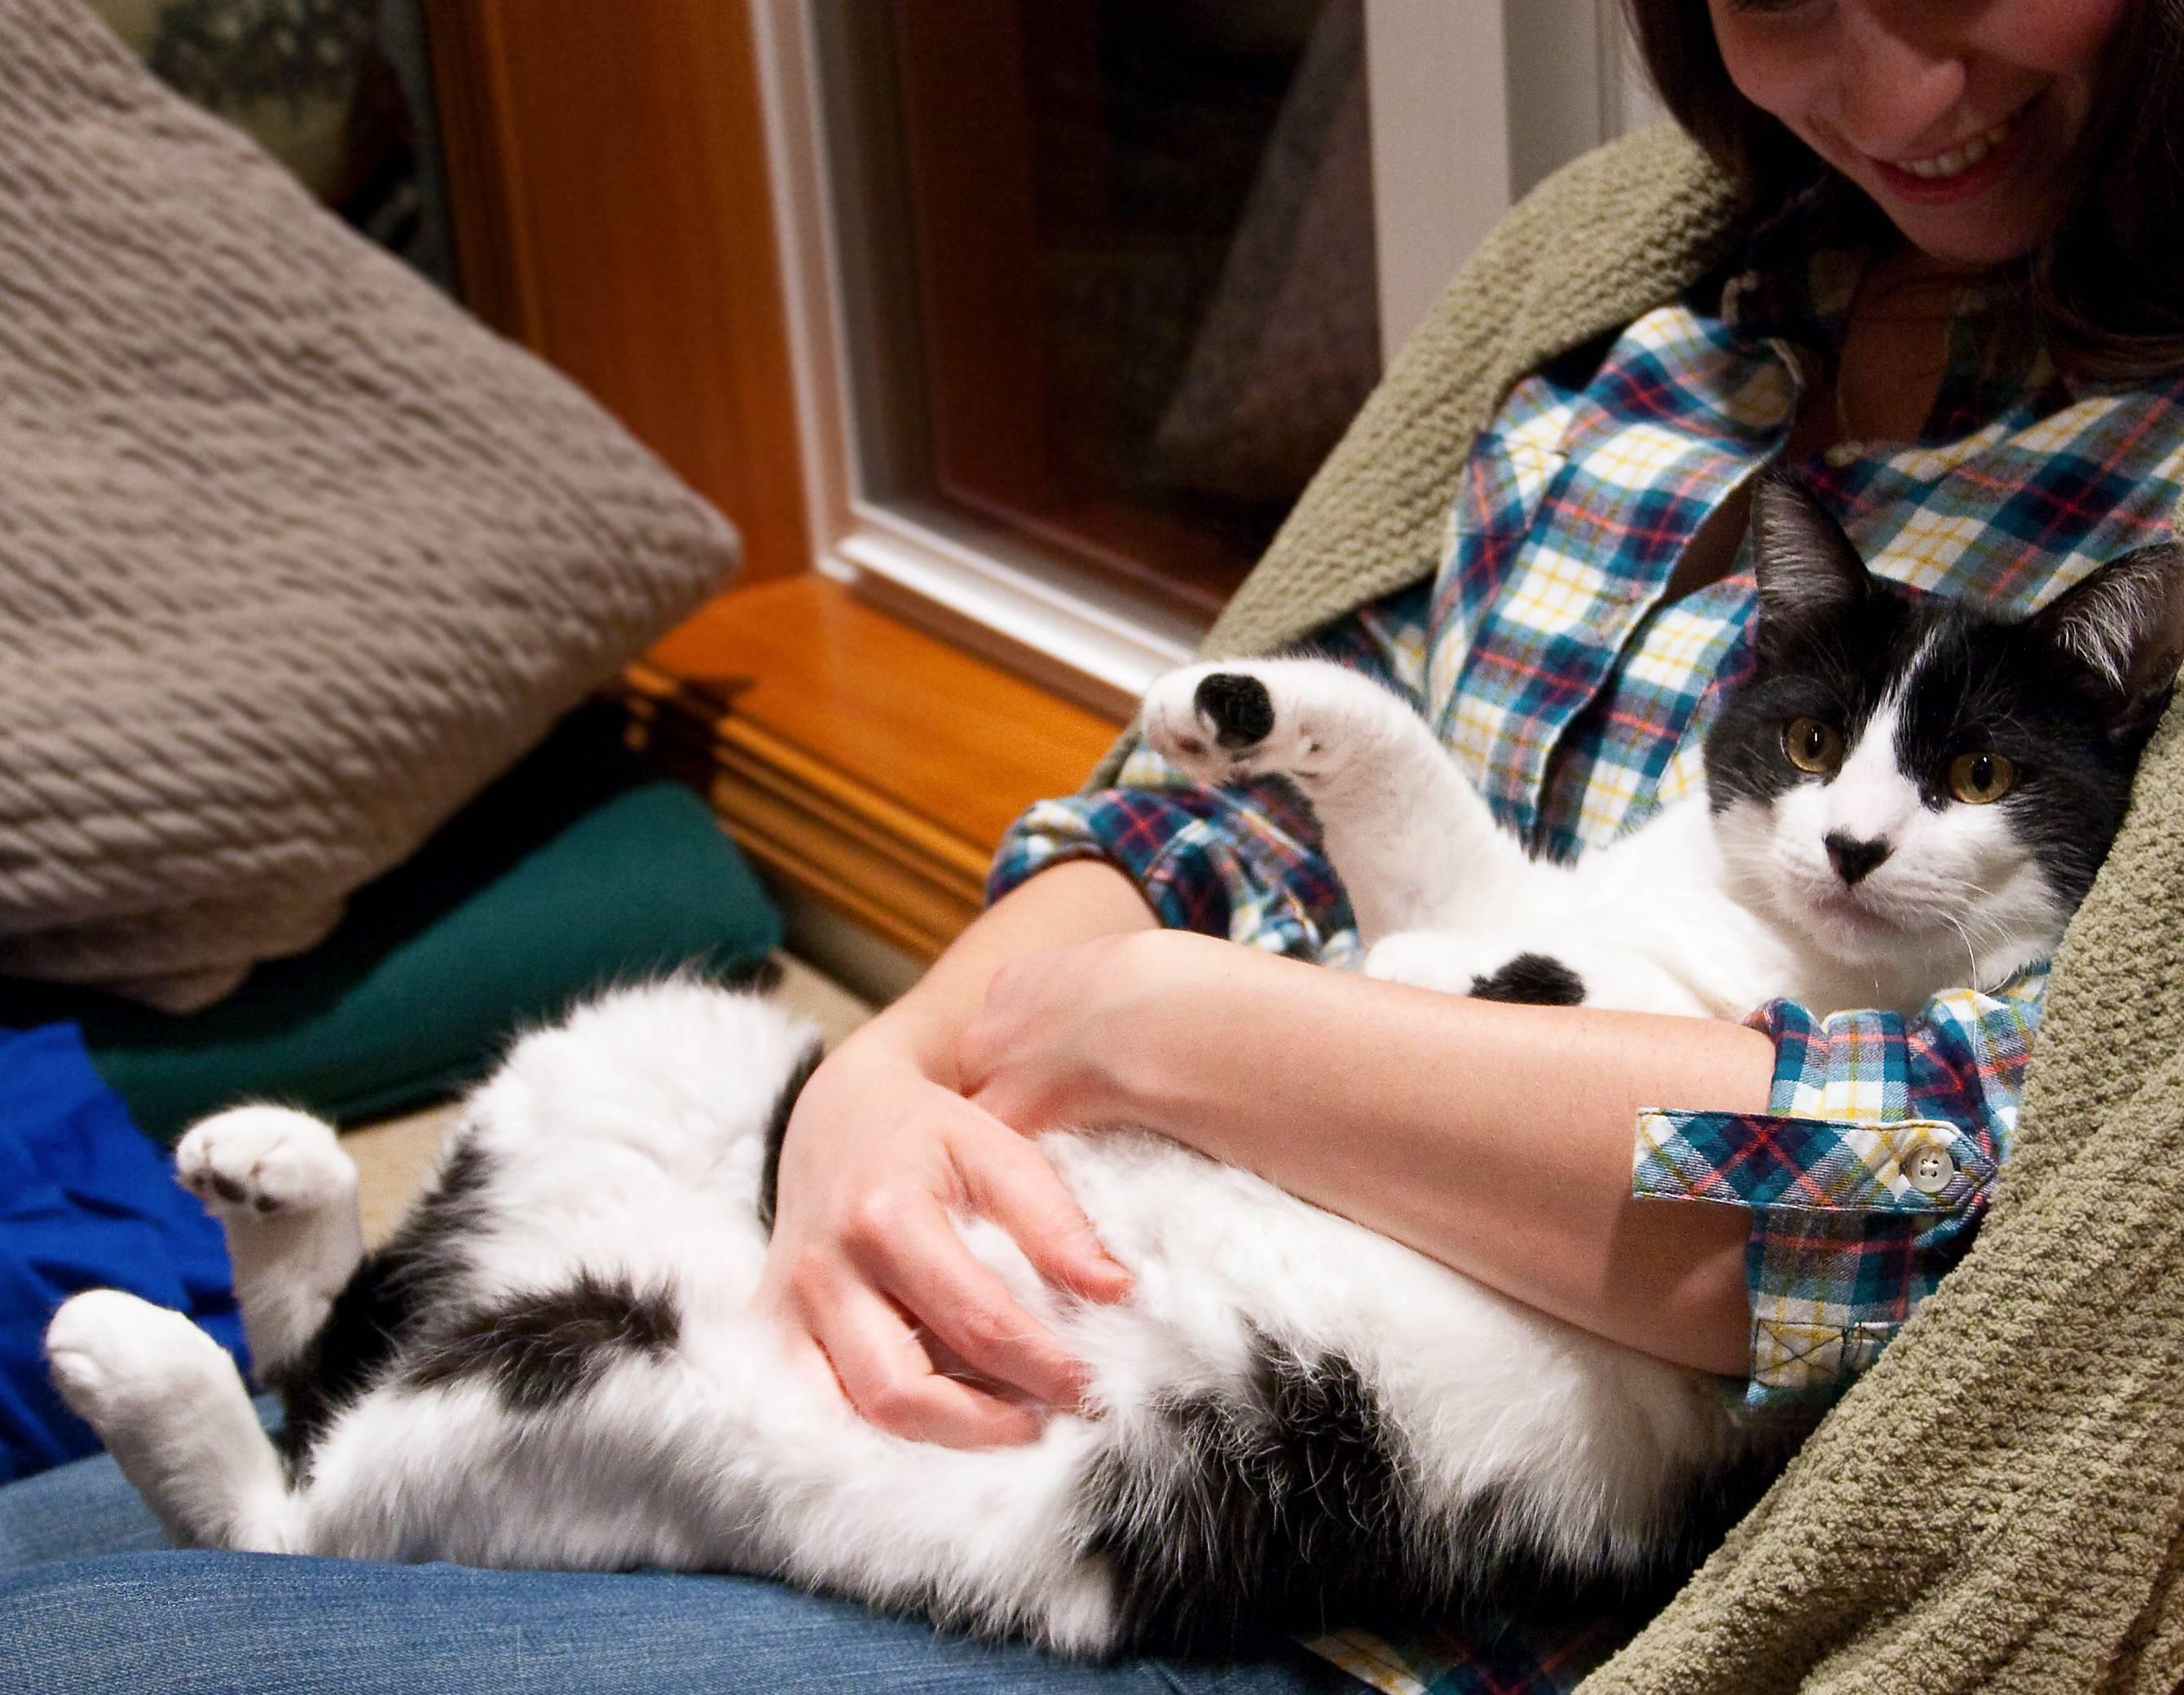 Узнают ли кошки своих хозяев после разлуки? - psychbook.ru